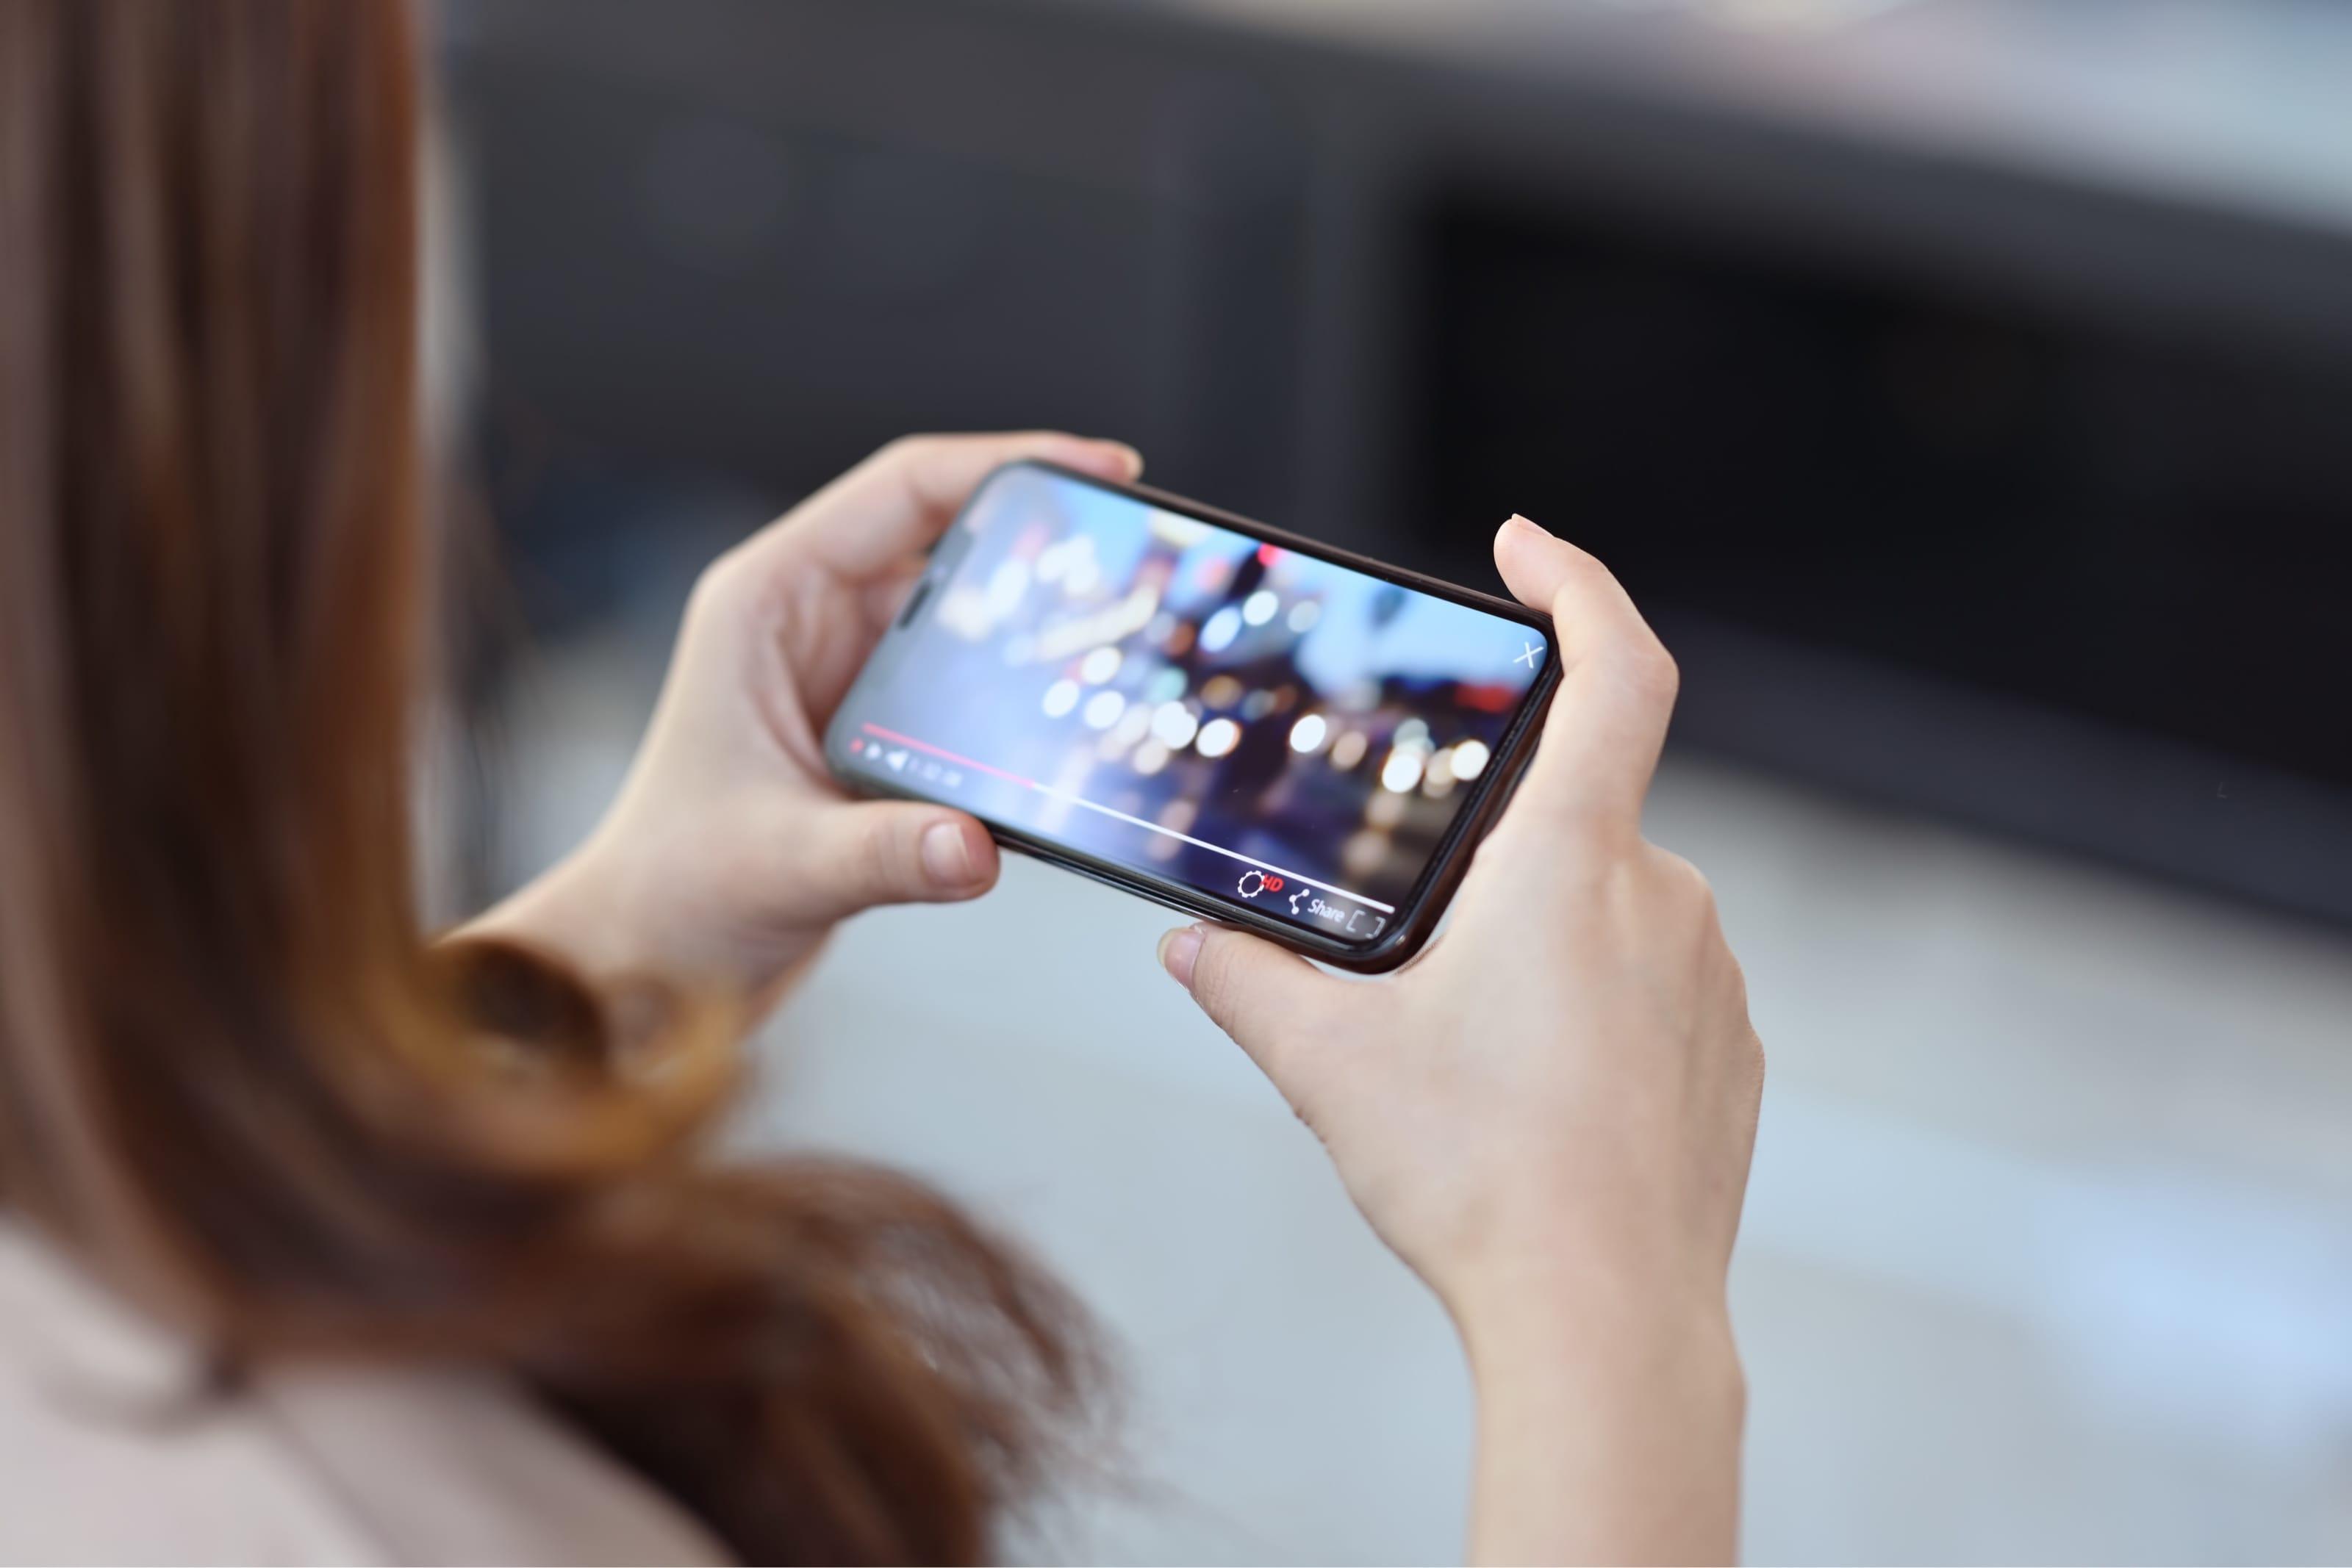 スマートフォンで動画を見る女性